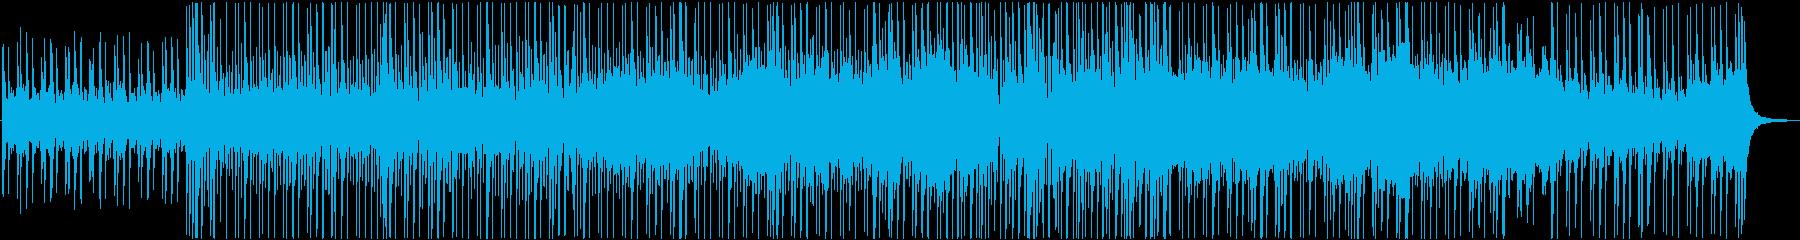 爽やかで優しいプロモーション向けBGMの再生済みの波形